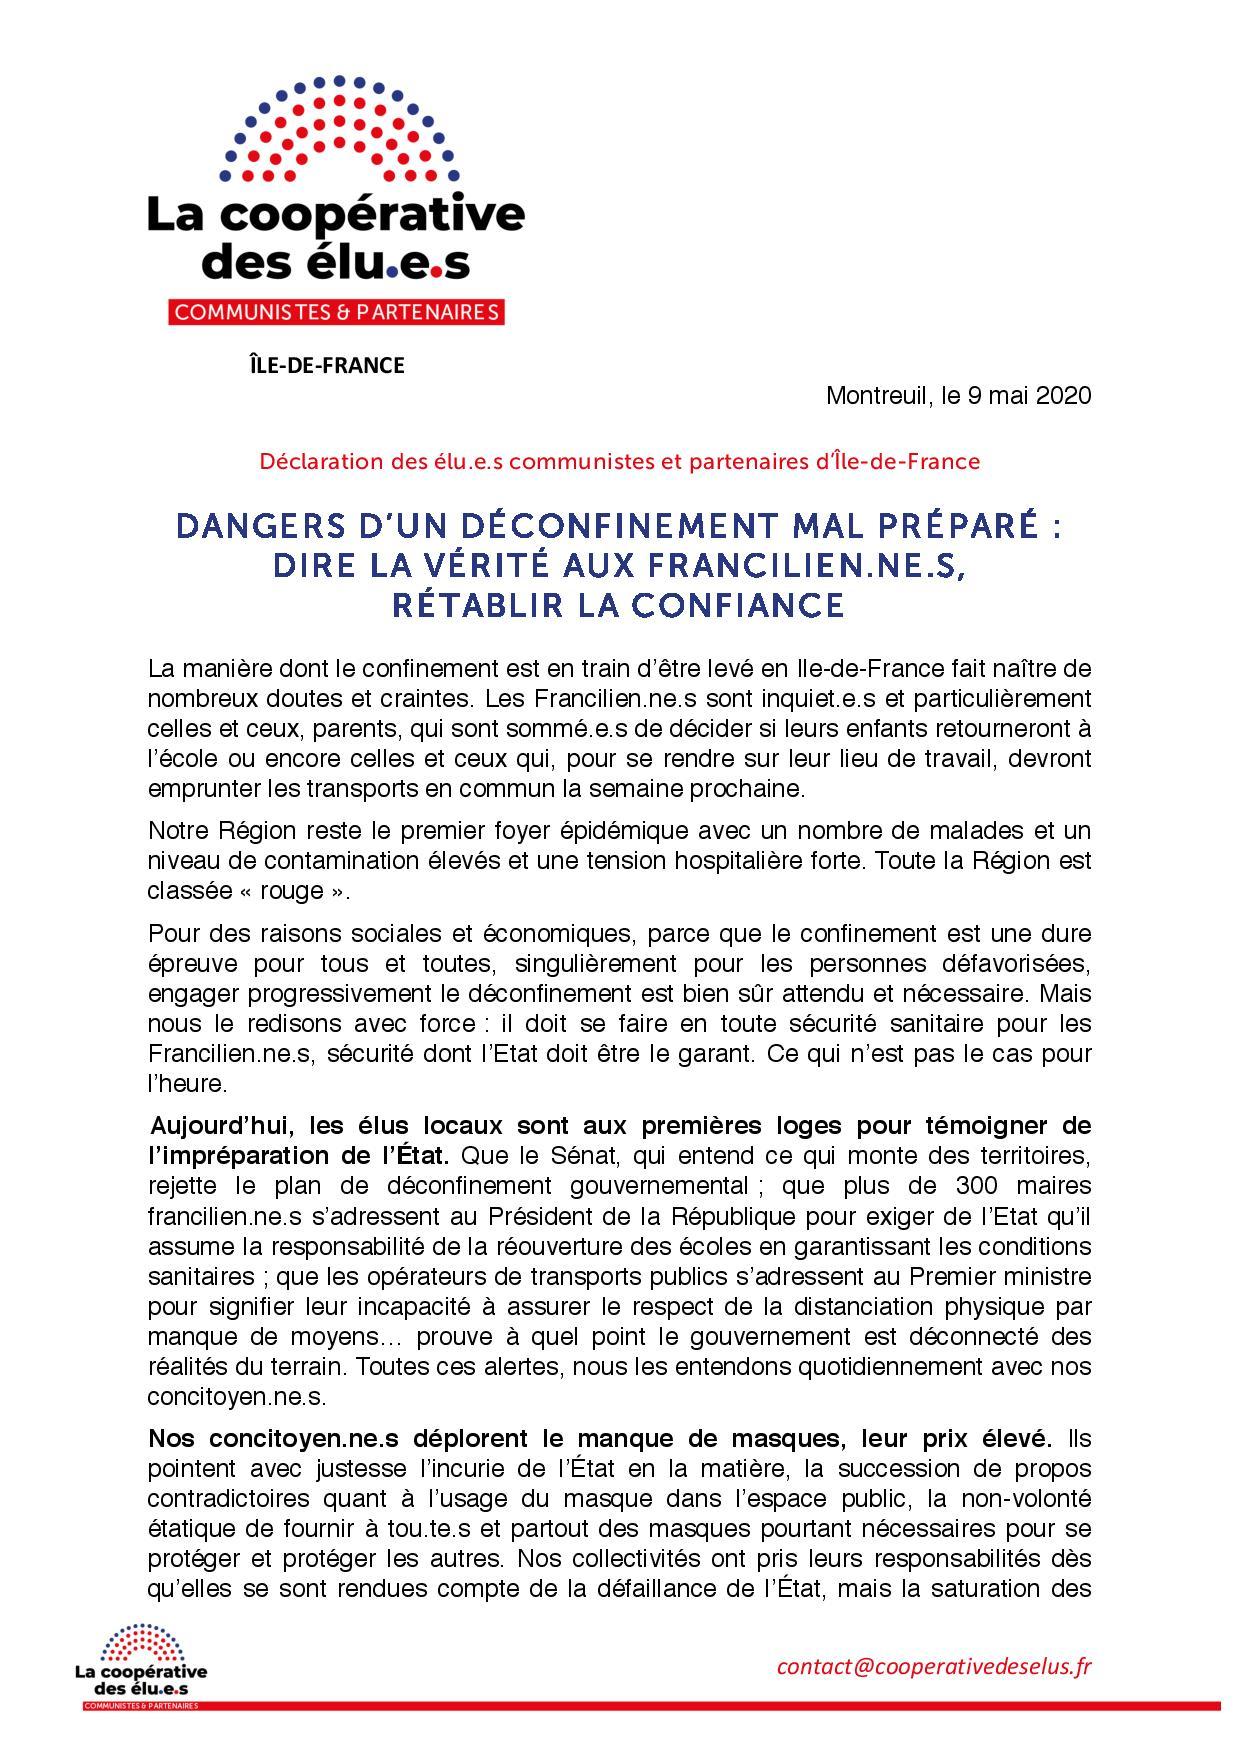 Déclaration_Coopérative_des_élus_IDF_(1)-page-001.jpg